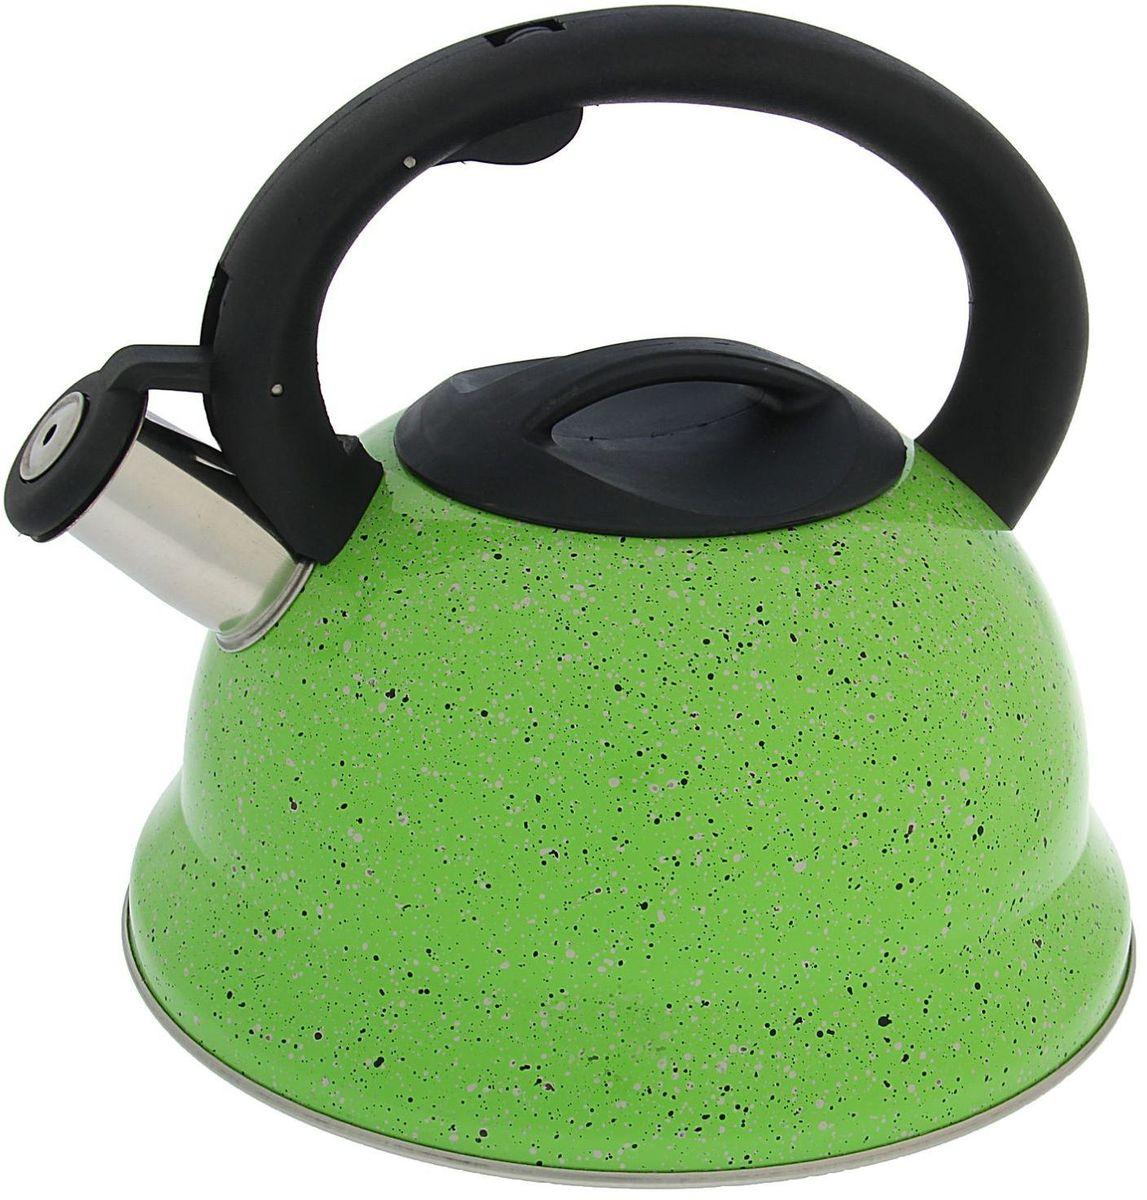 Чайник Доляна Рио, со свистком, цвет: зеленый, 2,8 л1405204Бытовая посуда из нержавеющей стали славится неприхотливостью в уходе и безукоризненной функциональностью. Коррозиестойкий сплав обеспечивает гигиеничность изделий. Чайники из этого материала абсолютно безопасны для здоровья человека. Чем привлекательна посуда из нержавейки? Чайник из нержавеющей стали станет удачной находкой для дома или ресторана: благодаря низкой теплопроводности модели вода дольше остается горячей; необычный дизайн радует глаз и поднимает настроение; качественное дно гарантирует быстрый нагрев. Как продлить срок службы? Ухаживать за новым приобретением элементарно просто, но стоит помнить о нескольких нехитрых правилах. Во-первых, не следует применять абразивные инструменты и сильнохлорированные моющие средства. Во-вторых, не оставляйте пустую посуду на плите. В-третьих, если вы уезжаете из дома на длительное время - выливайте воду из чайника. Если на внутренней поверхности изделия появились пятна, используйте для их удаления несколько капель уксусной или лимонной...